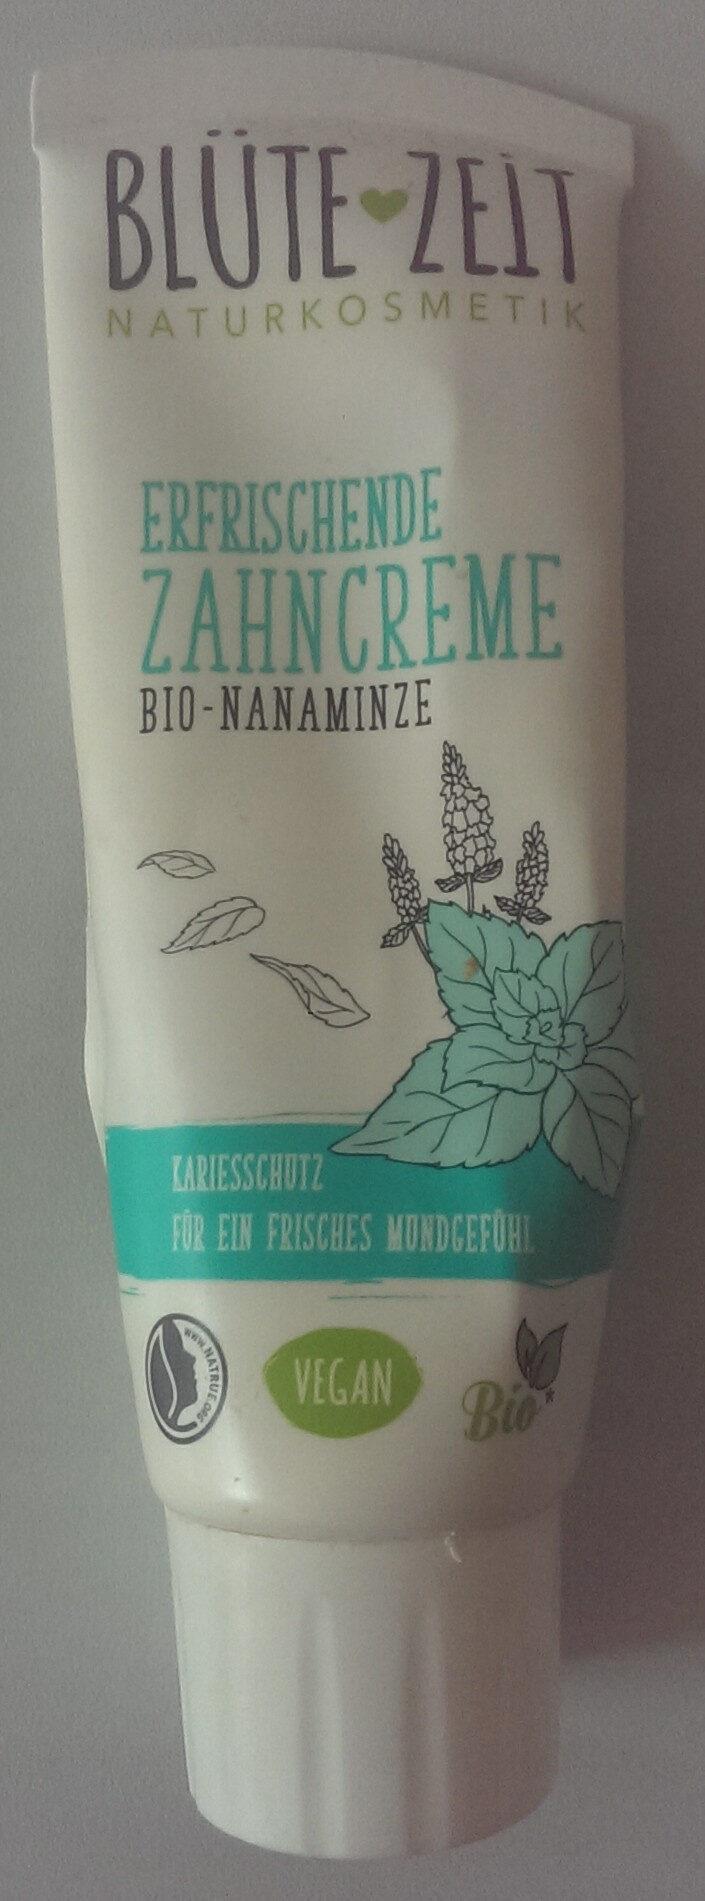 Blütezeit erfrischende Zahncreme mit Bio-Nanaminze - Produit - de